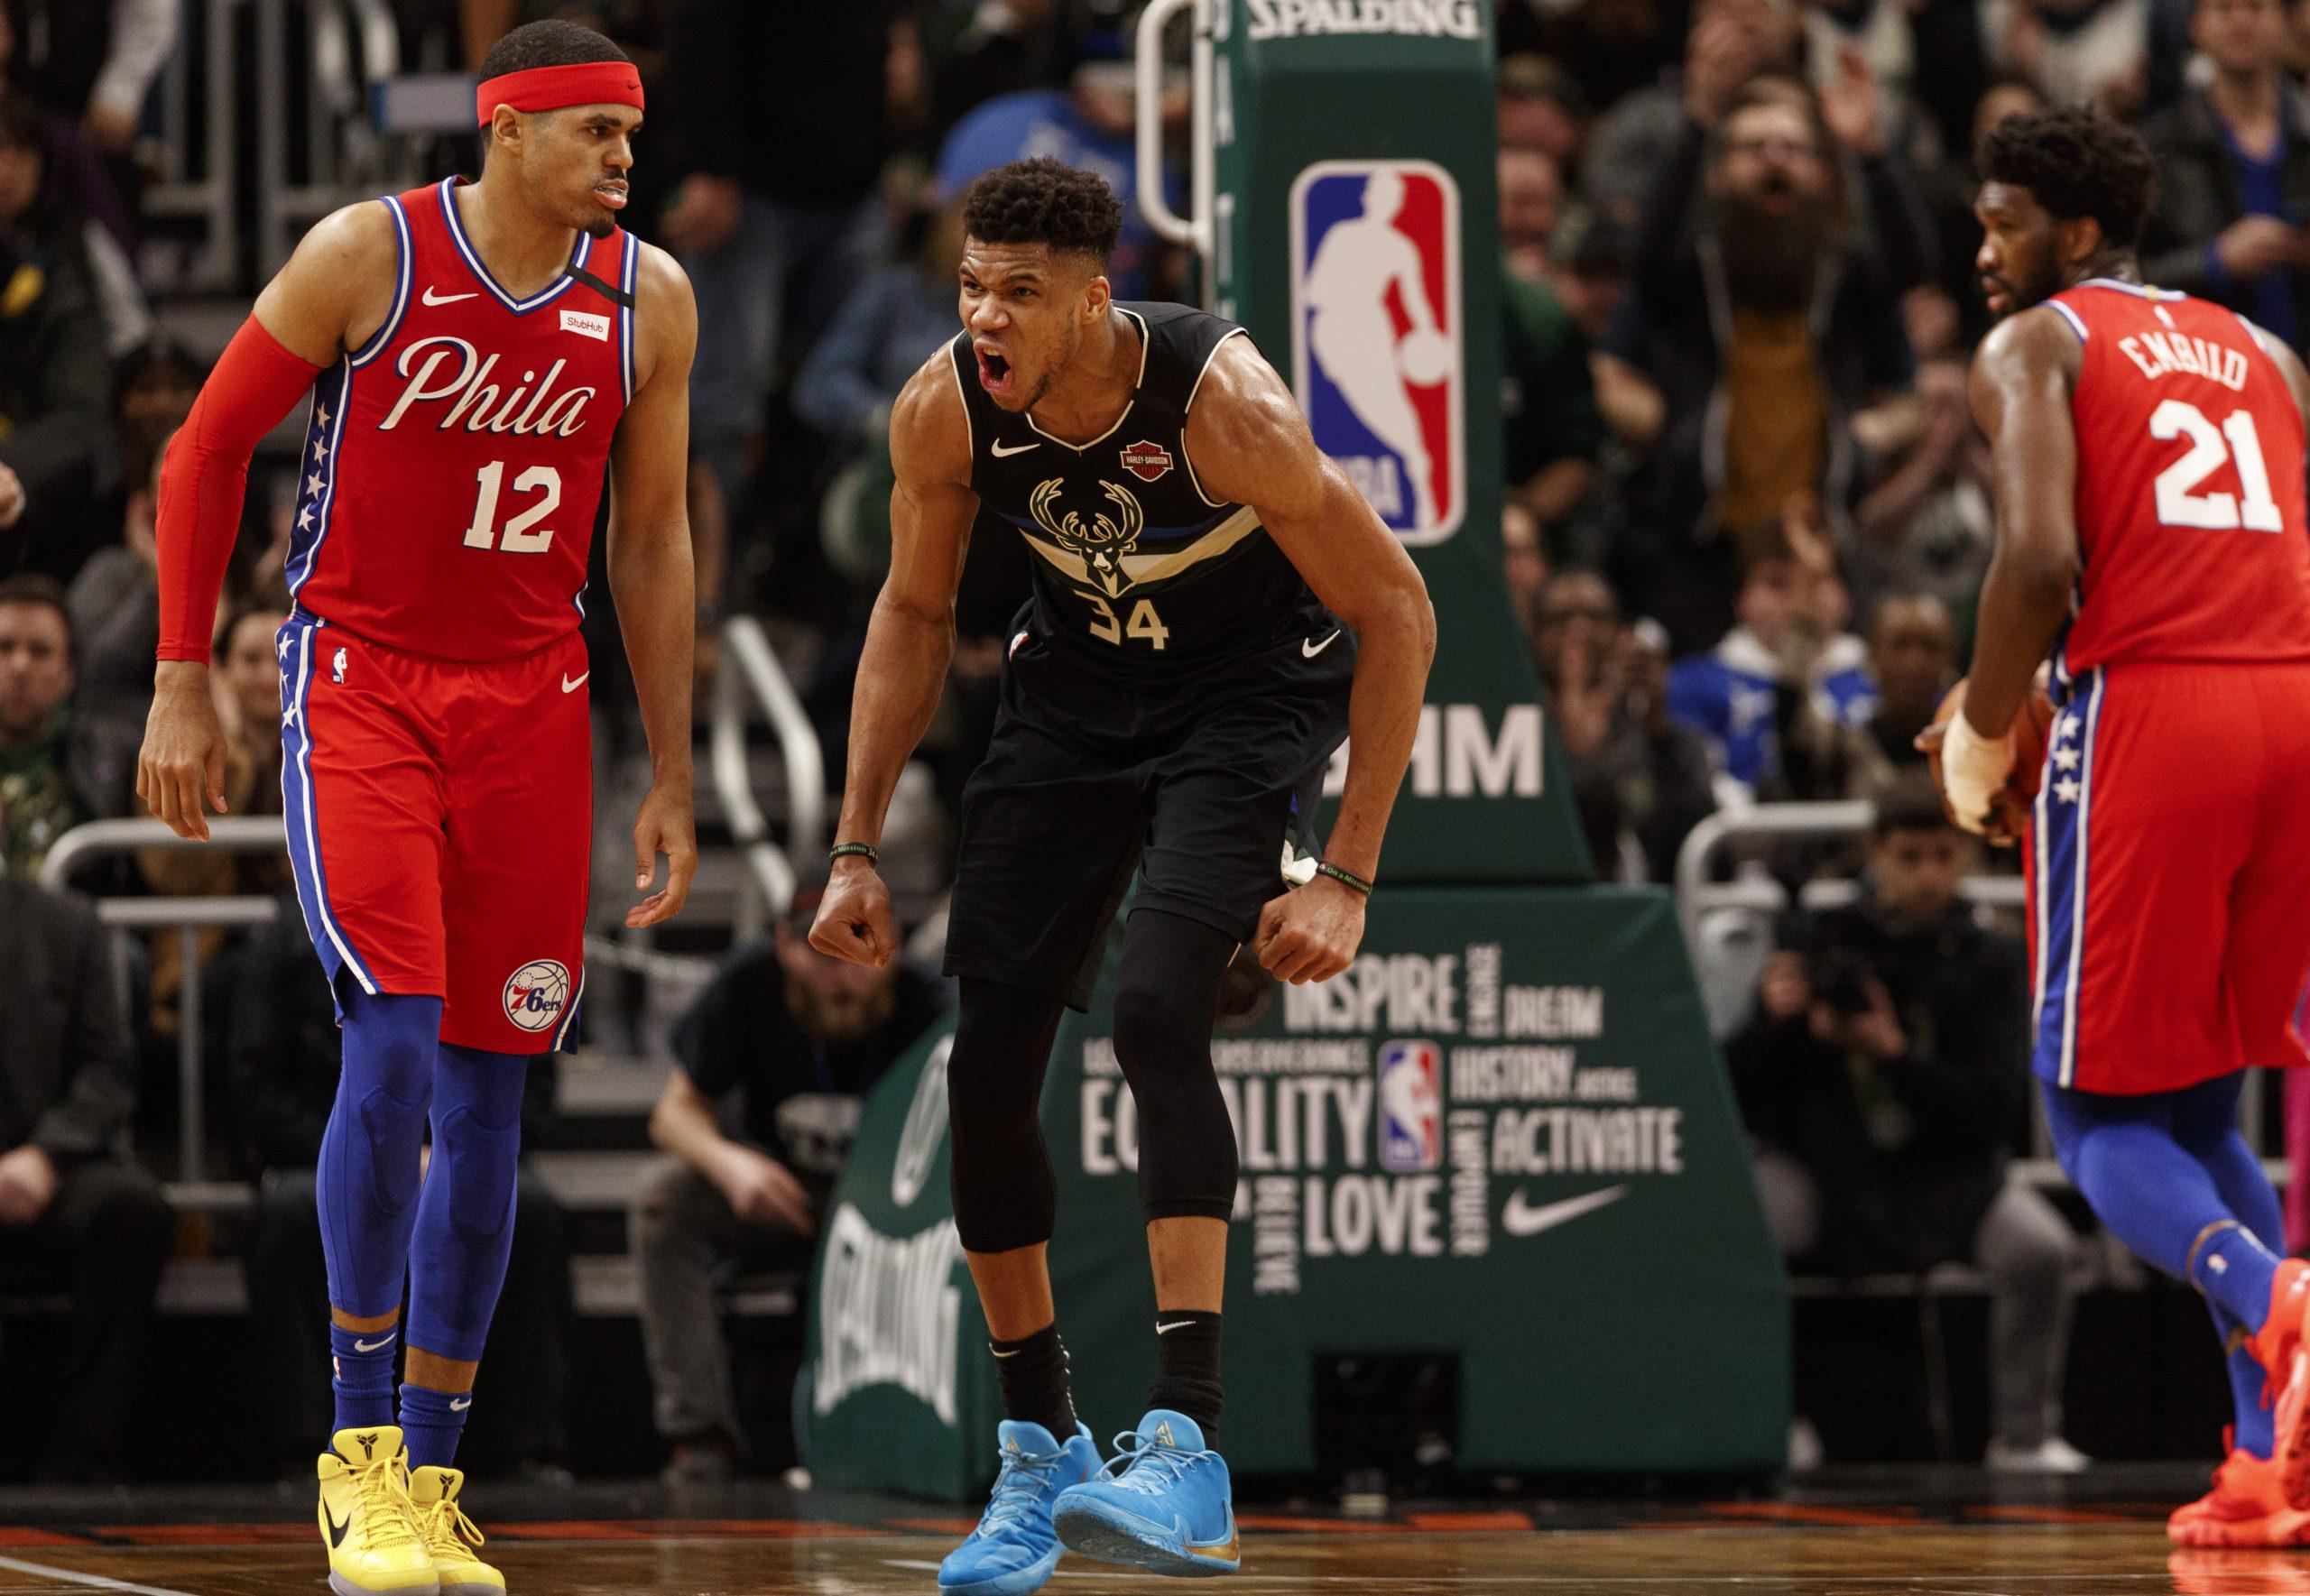 """Video αφιέρωμα του ESPN στον Αντετοκούνμπο: """"Από πολίτης καμιάς χώρας στο NBA"""""""